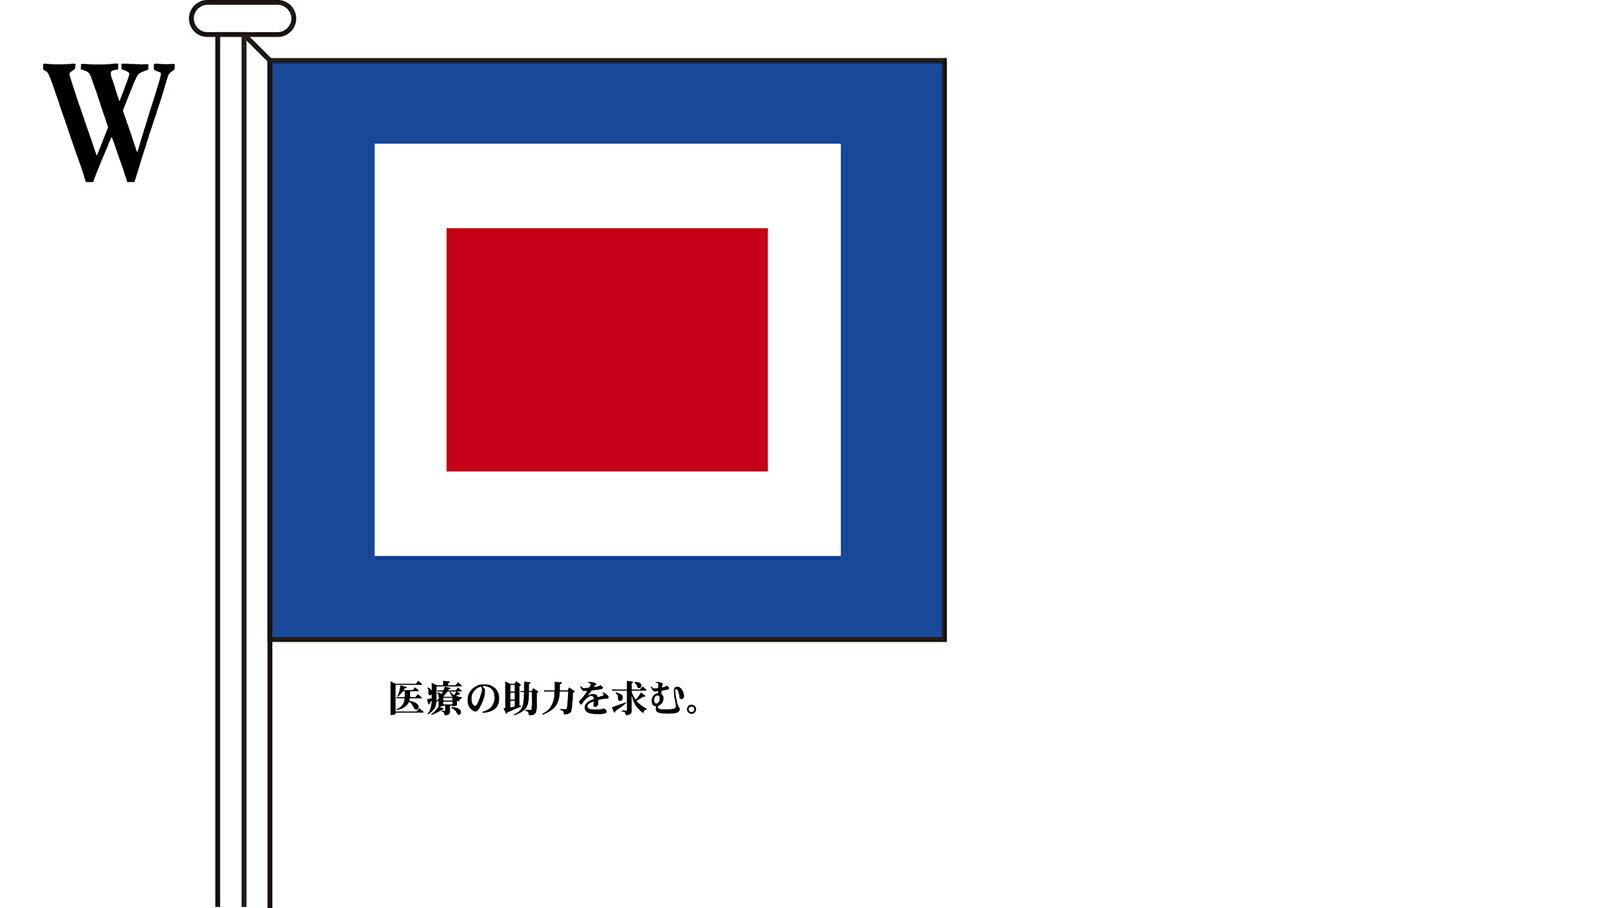 国際信号旗 文字旗 Alphabetical Flags【W】[ヨット用:30×39cm・木綿]